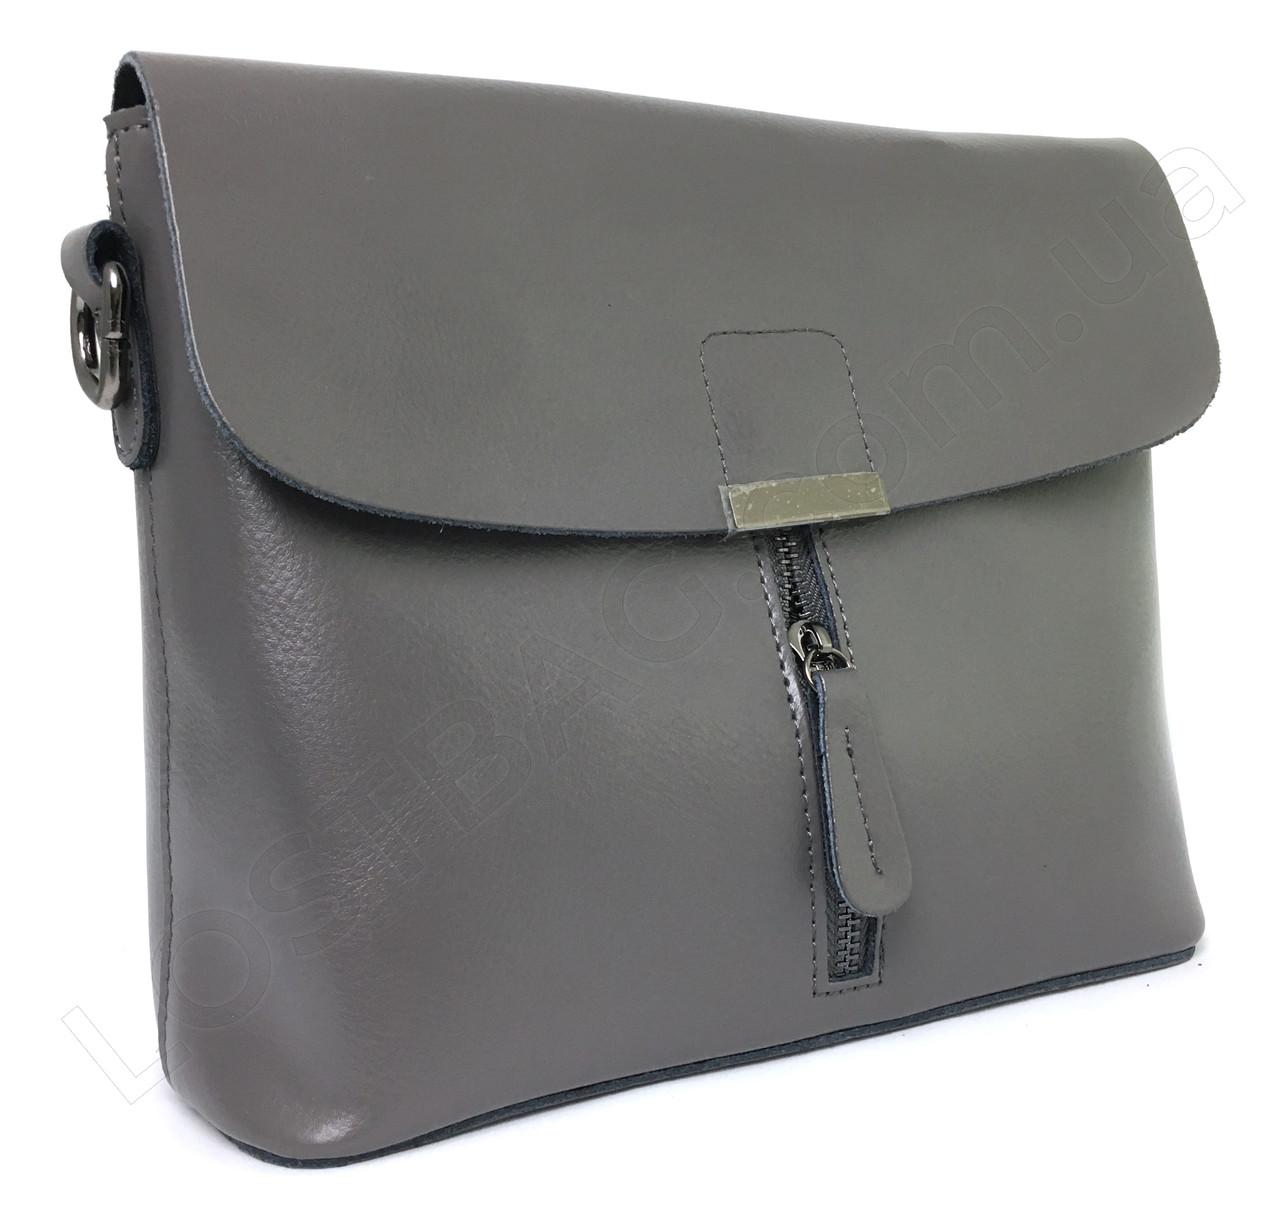 7a6789a5b7c1 Кожаная женская сумка Виктория Бекхэм: продажа, цена в Киевской ...